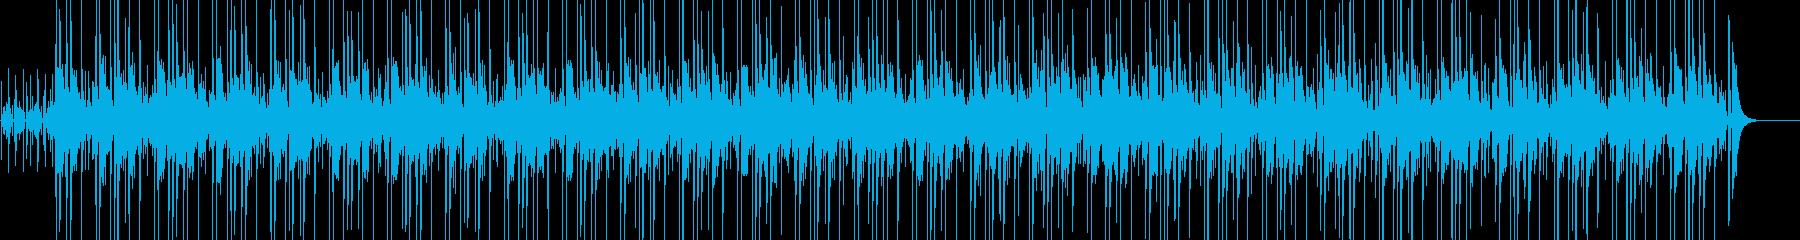 朝、爽やかなオープニング向けのBGMの再生済みの波形